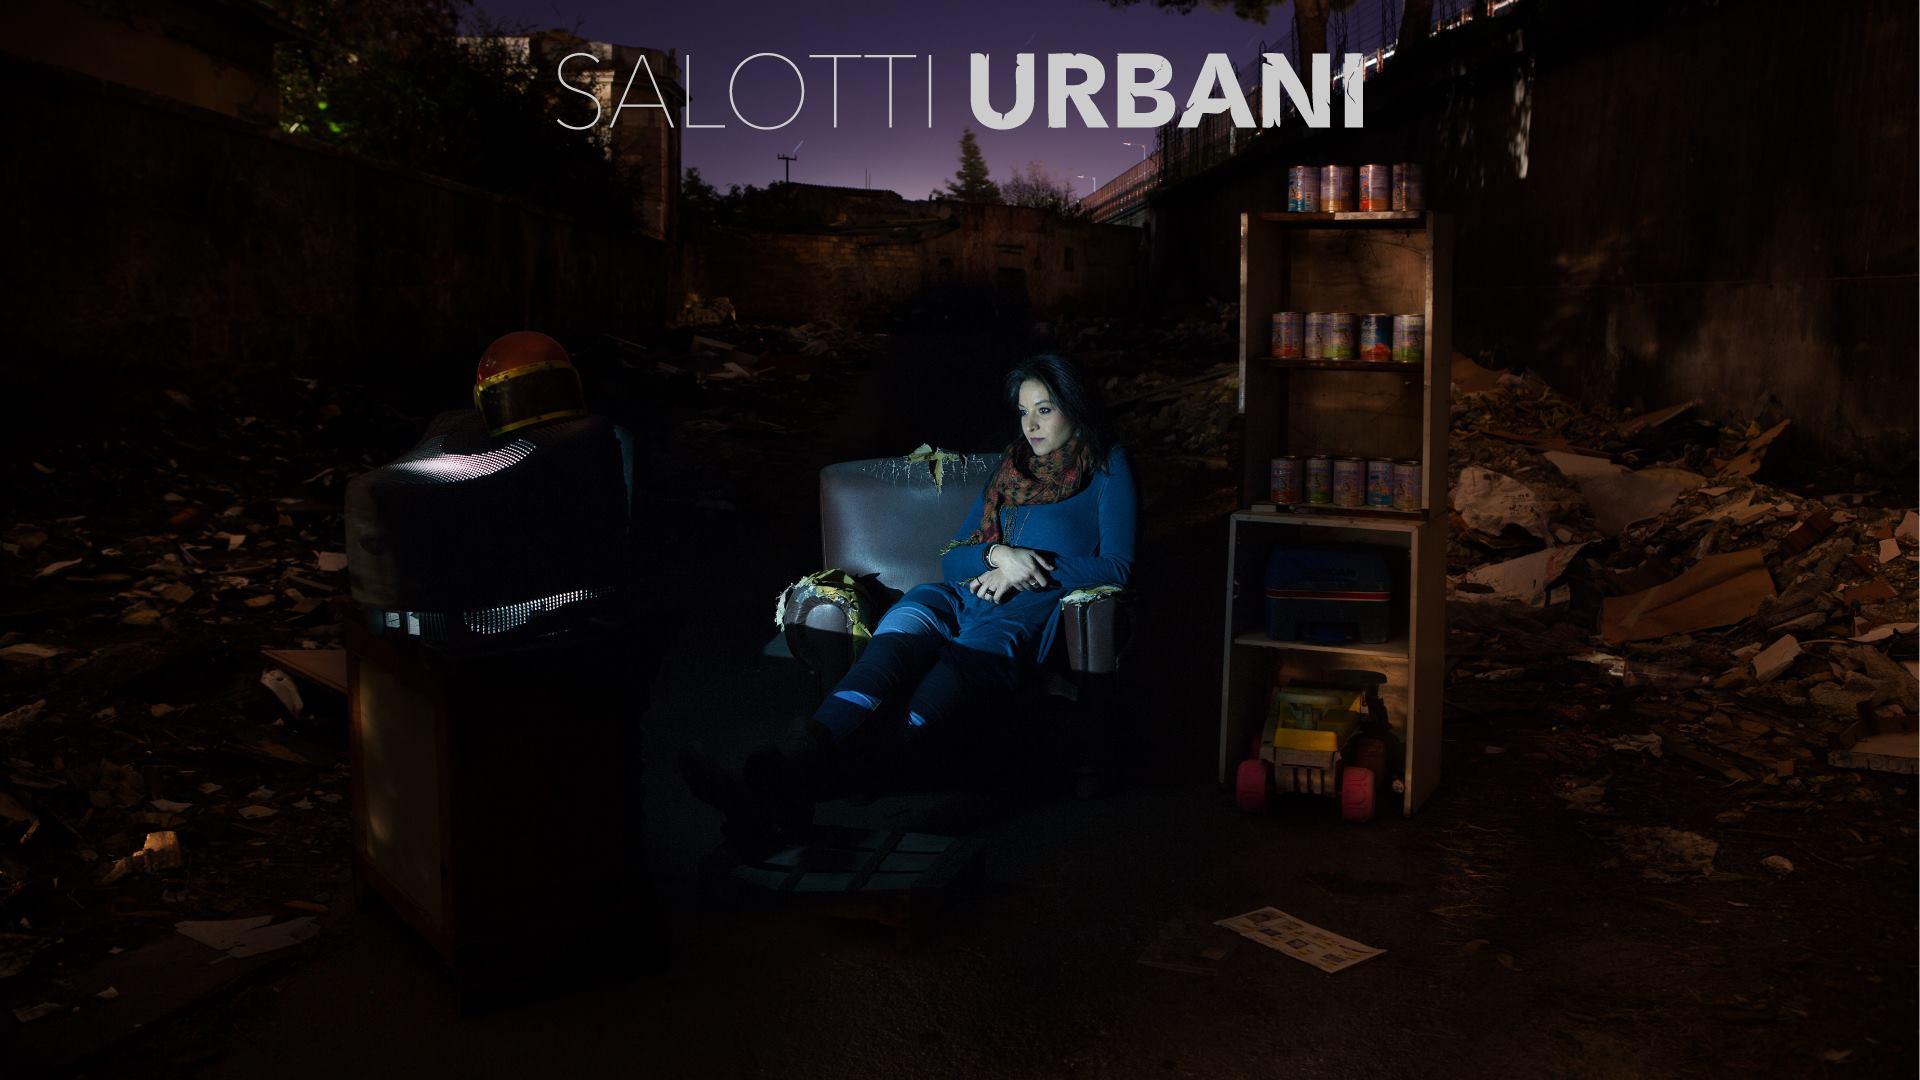 Salotti Urbani - Azzizzart